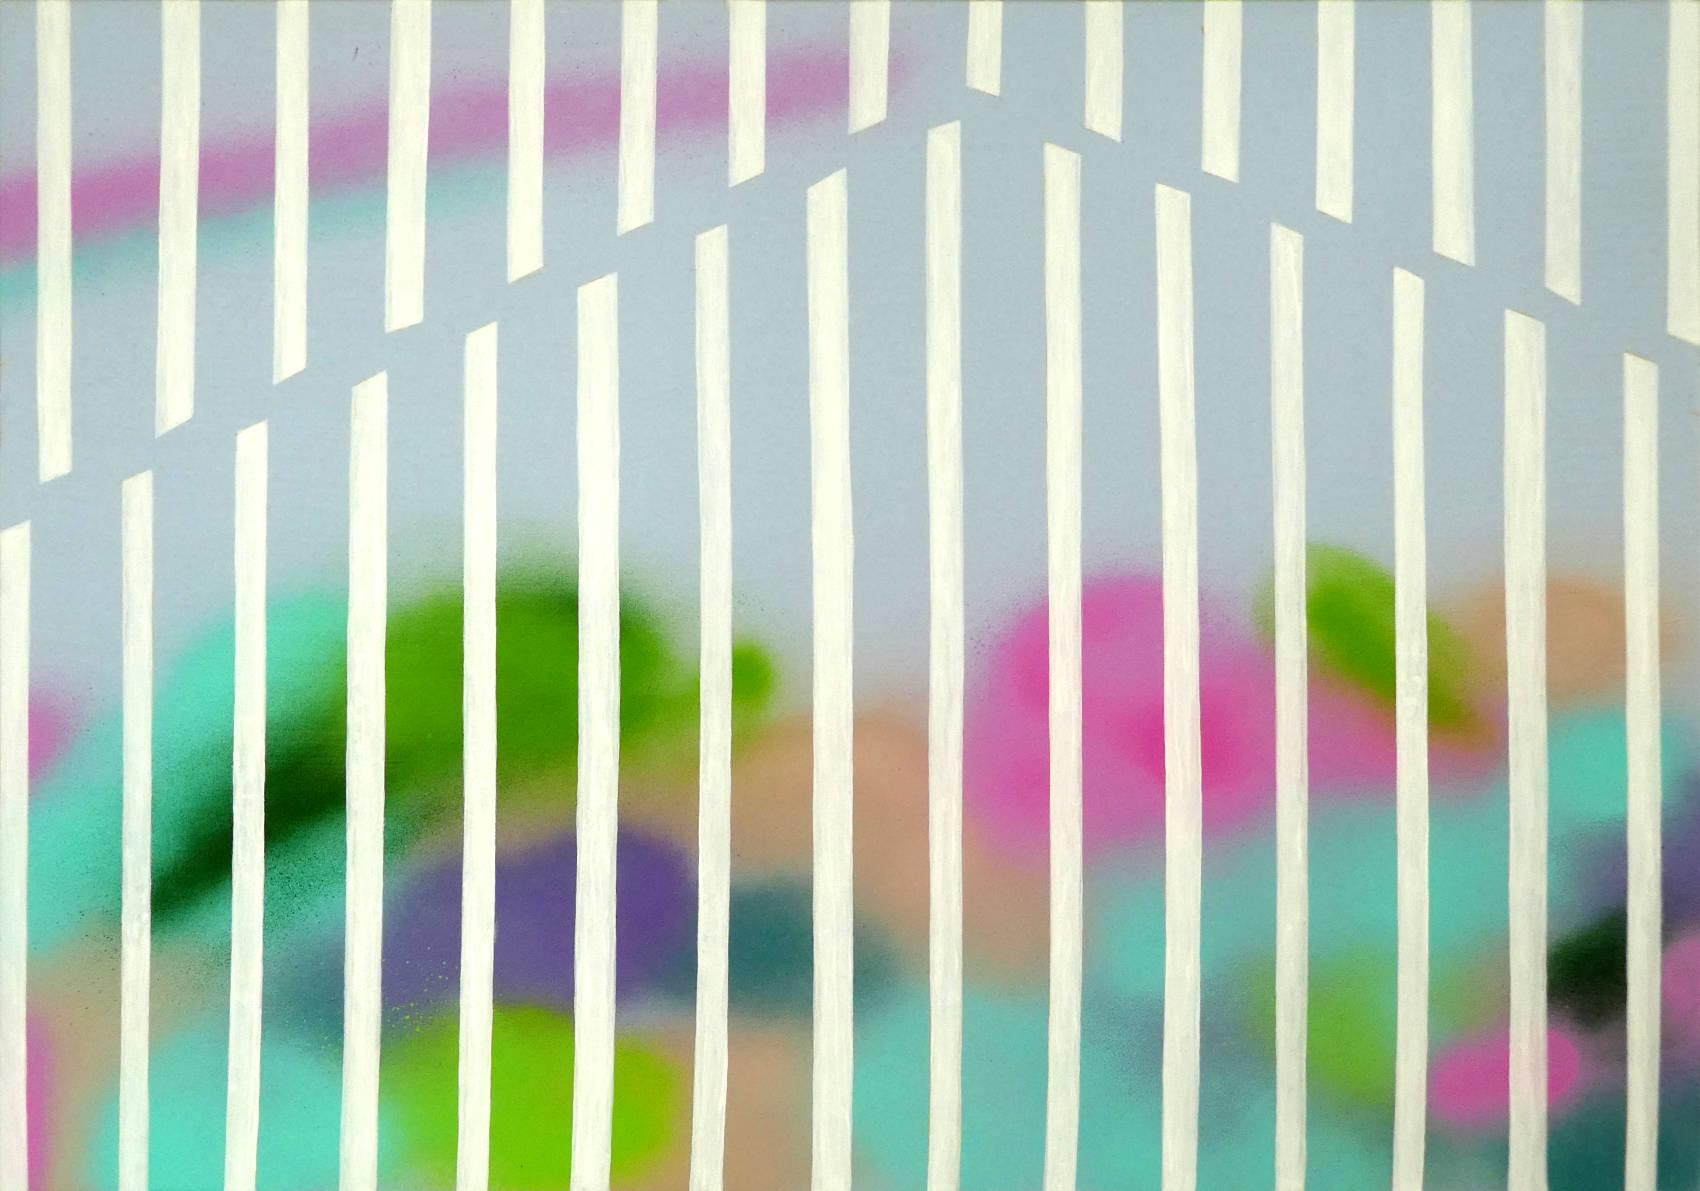 Landscape data mapping 2, 2018, Peinture acrylique sur bois, 50 x 70 cm